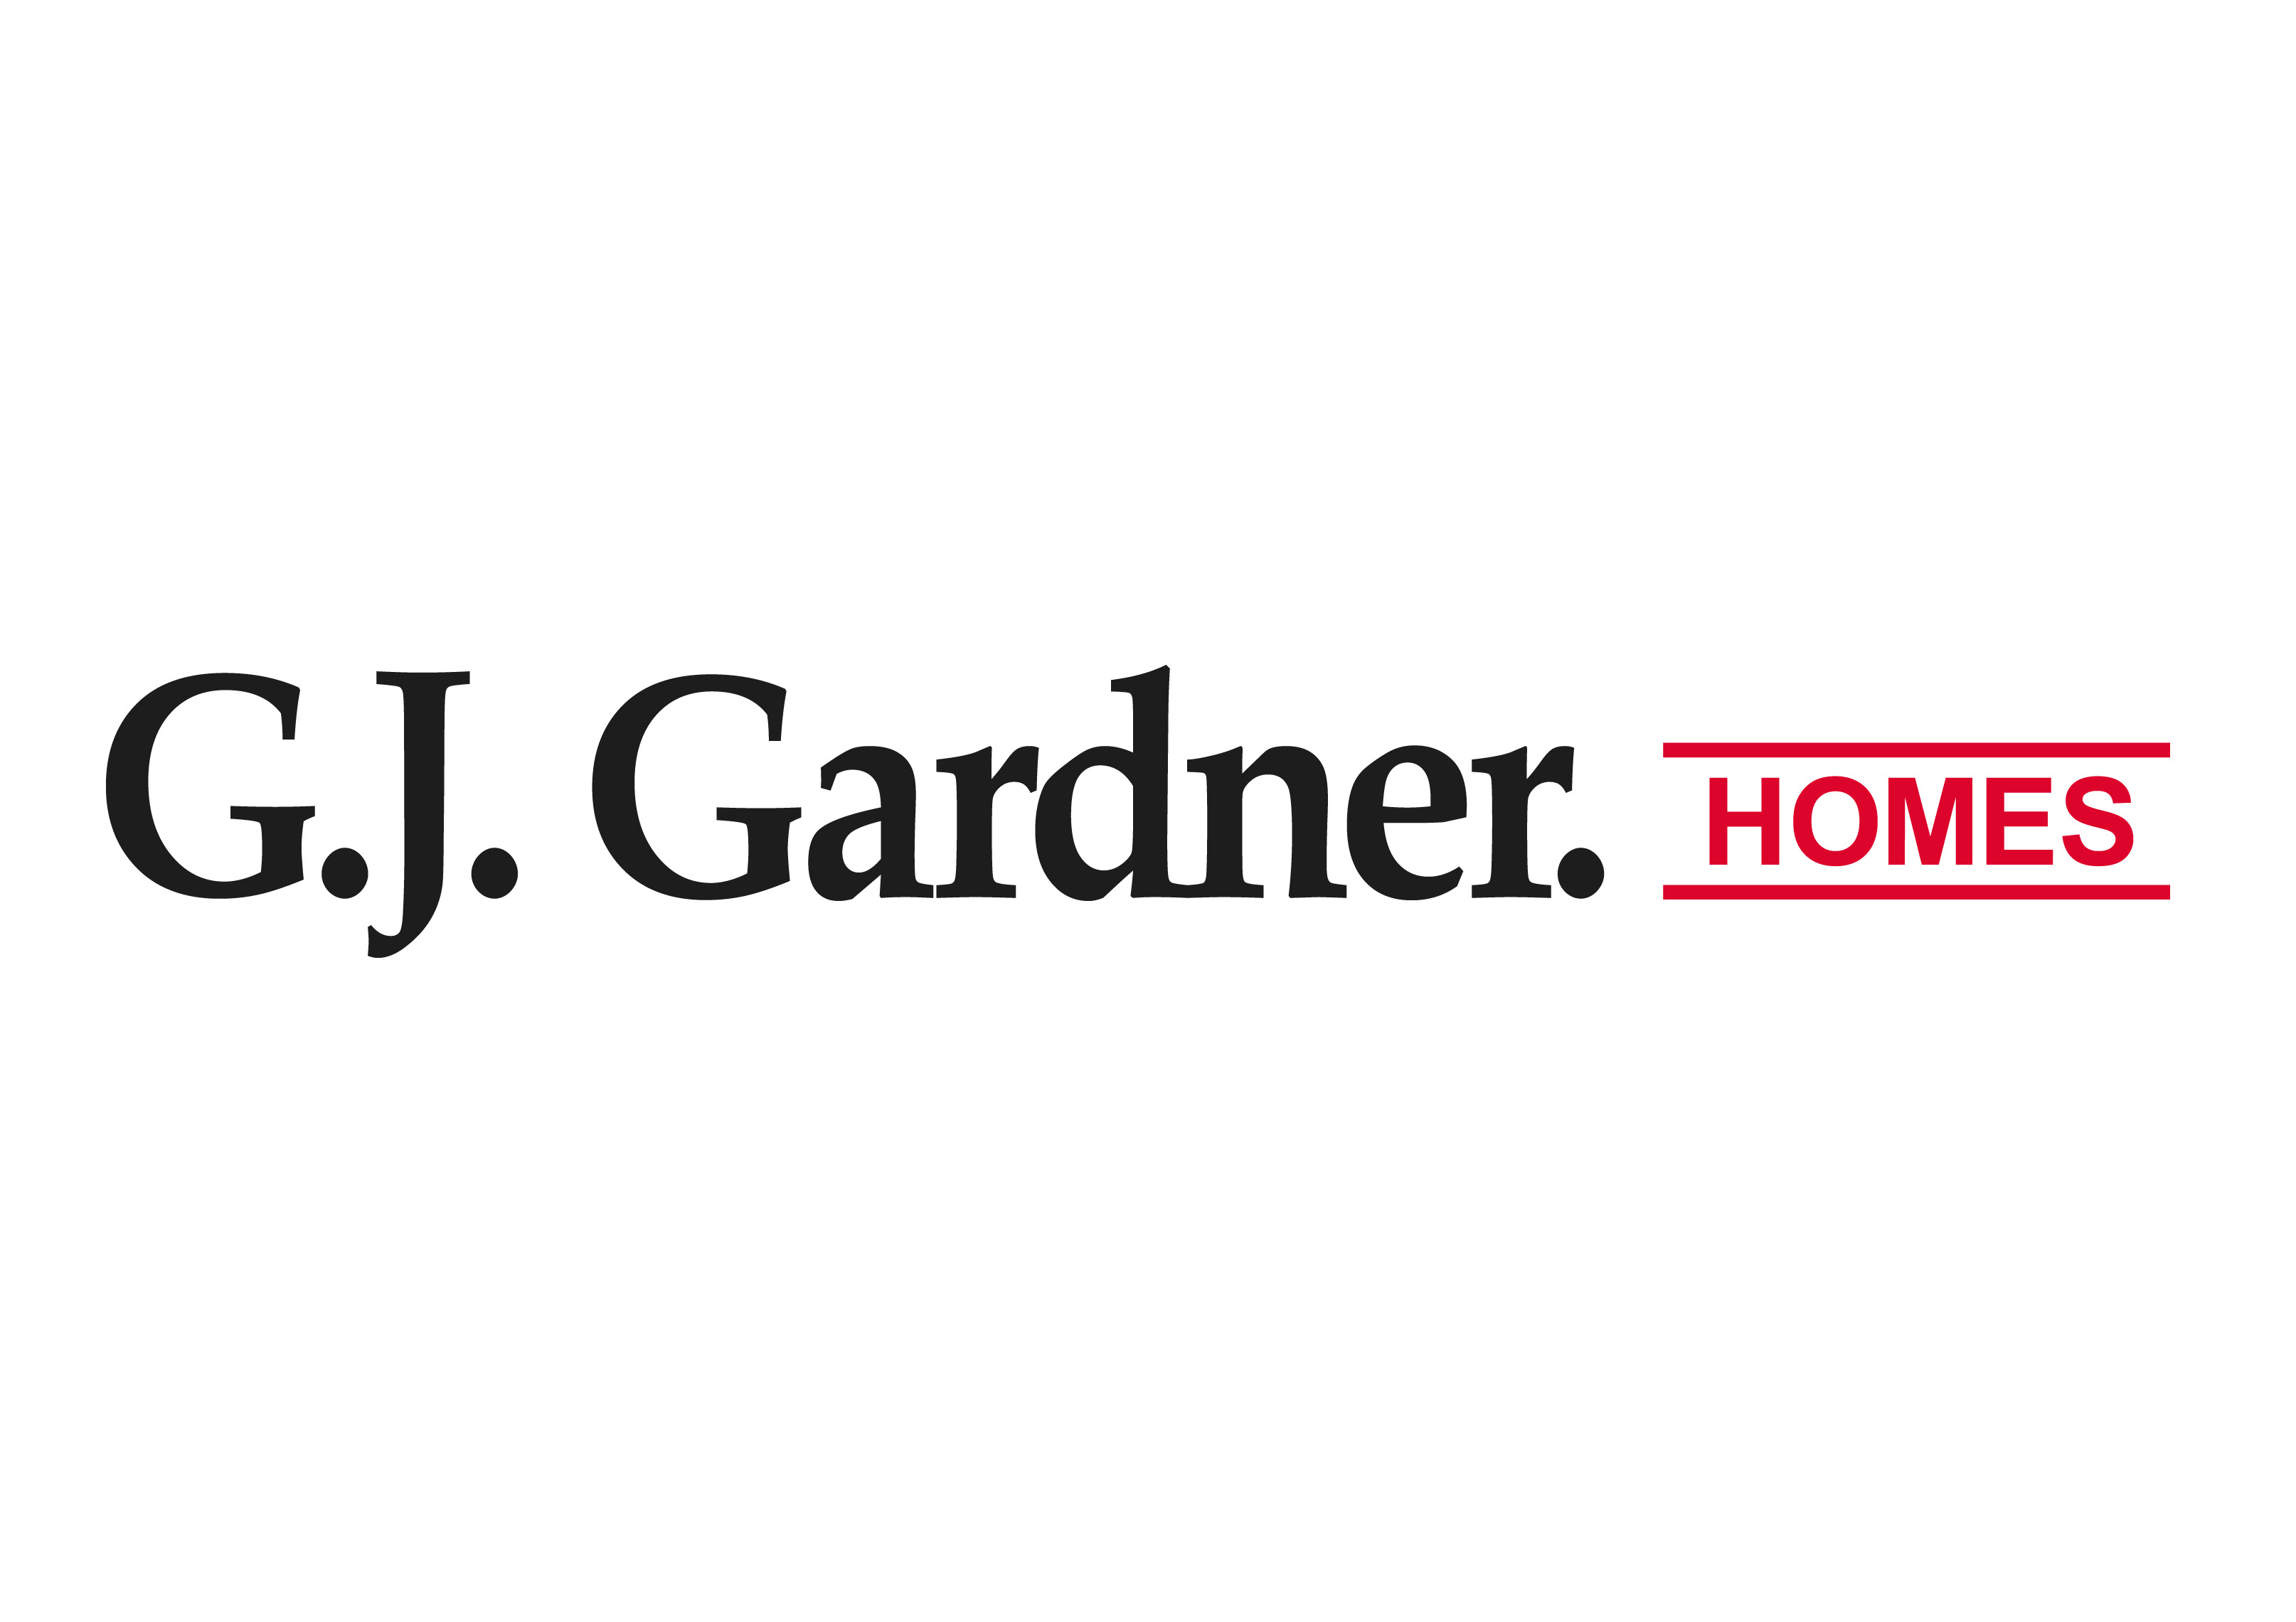 GJ Gardener Homes